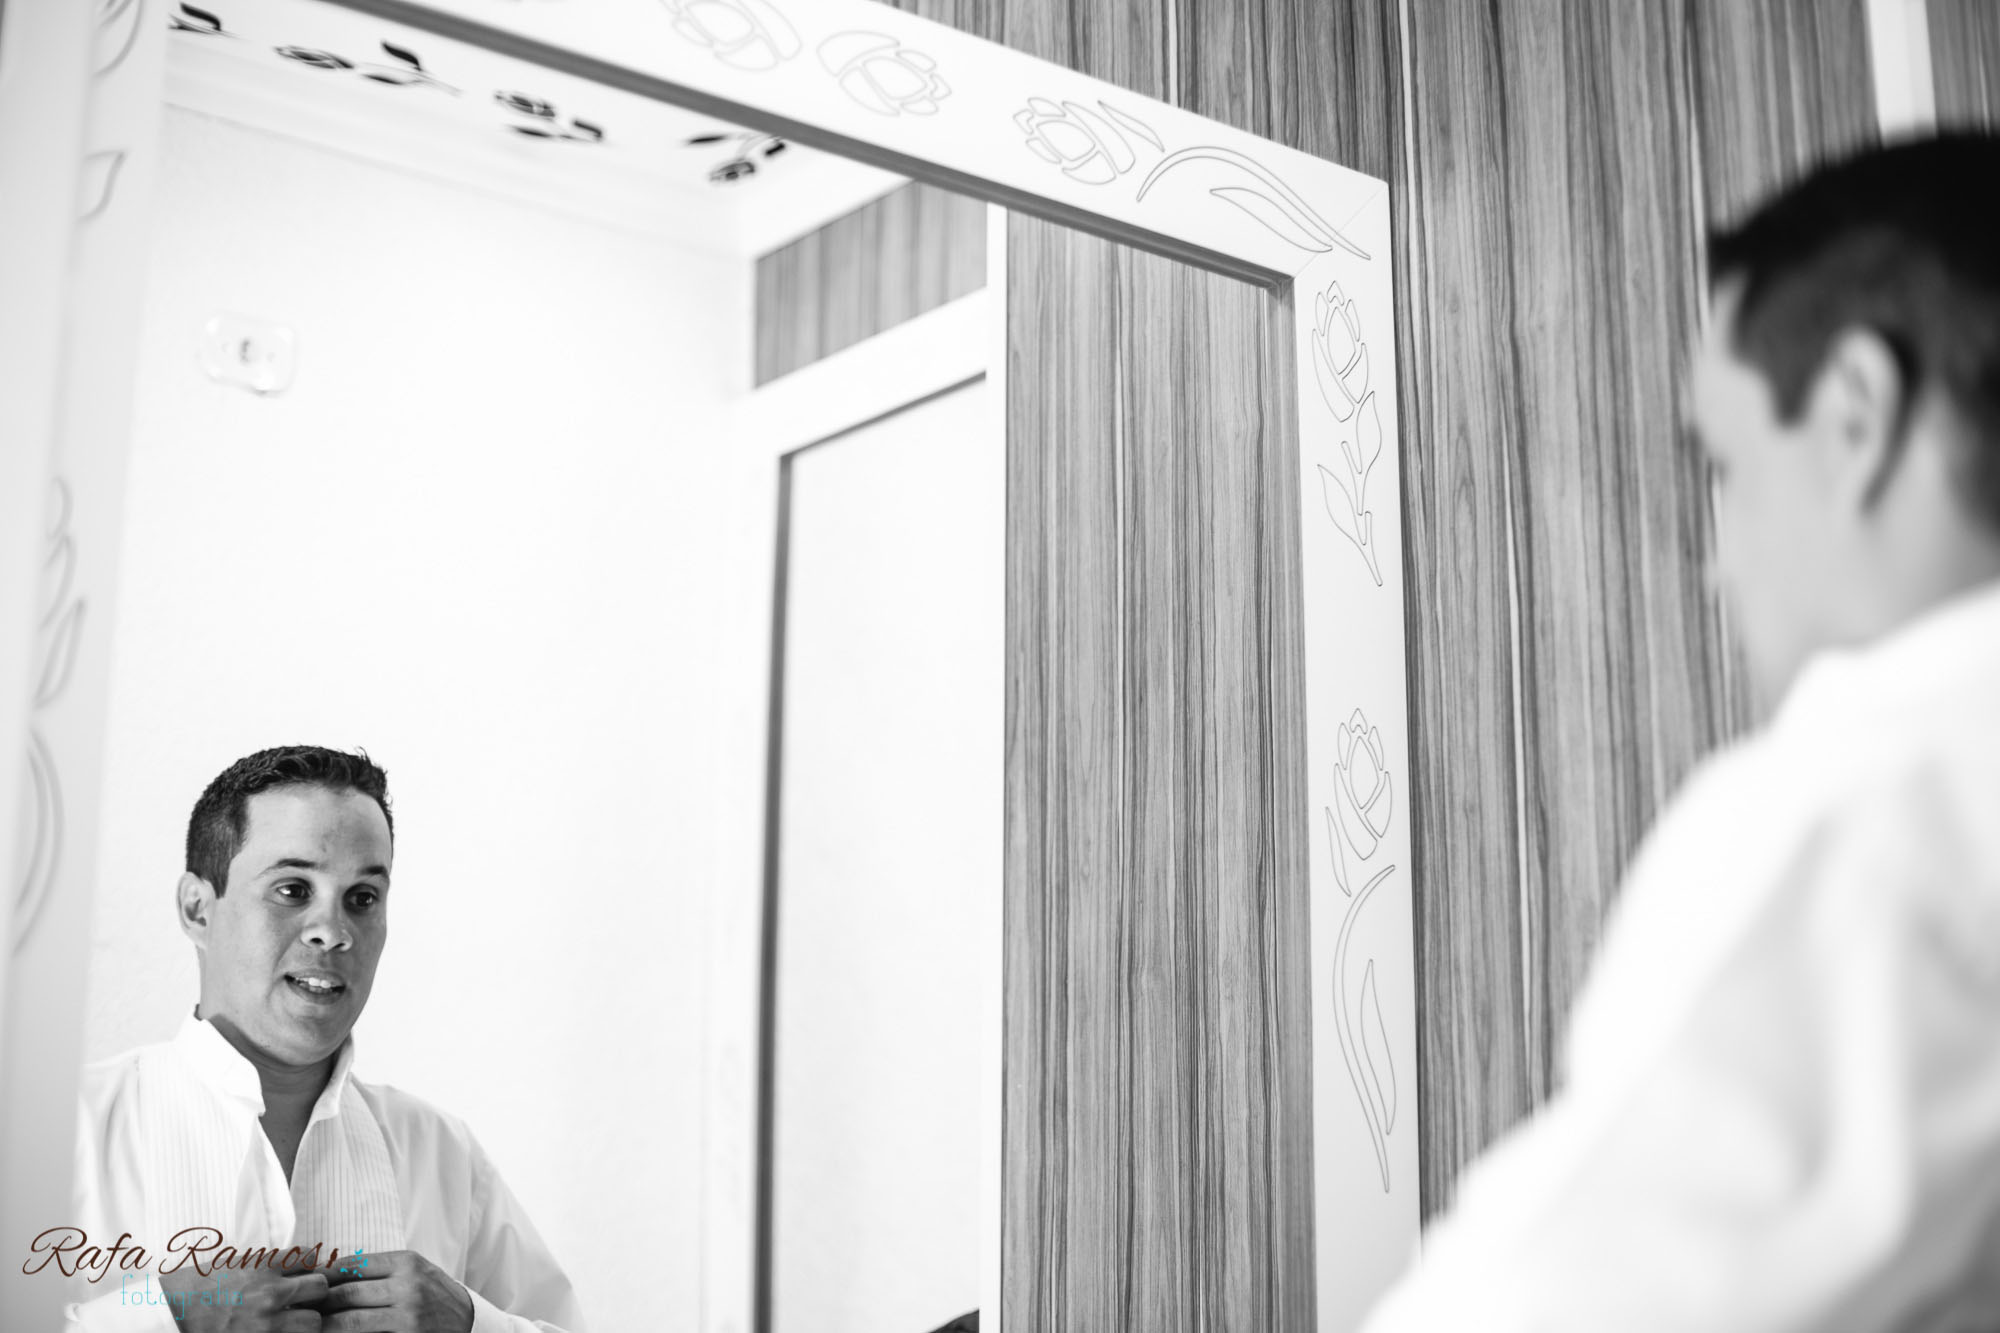 Fotografo de Casamento, Fotografia de Casamento , Fotografo Inspiration,Inspiration Photographer, Mini Wedding, Casamento em Arujá, casamento de dia, Arujá, zona oeste, fotojornalismo casamento, Casamento no quintal,Casamento em casa, Casamento, São paulo, SP, fotos de casamento, fotografo, casamento, noivos, noivo, noiva, fotografia de noivos, fotografia criativa, blog de fotografia, casamento sp, wedding photographer, Rafa Ramos Fotografia, Rafa Fotos, Rafa fotografo,Rafa Ramos photography10